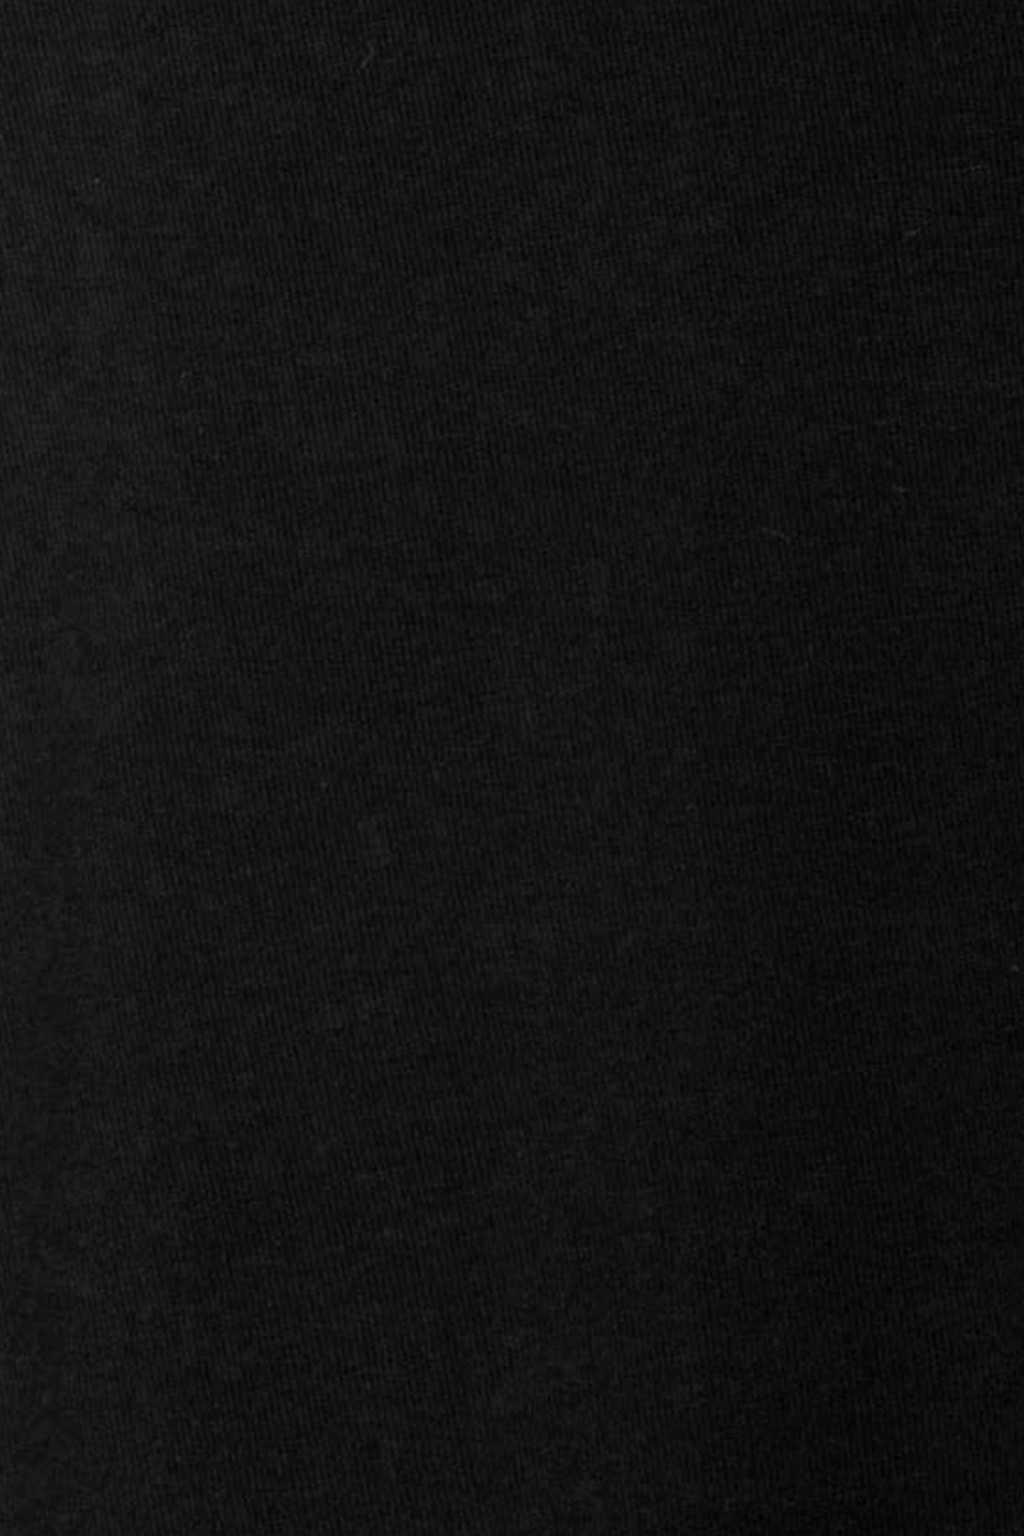 TShirt H242 Black 10